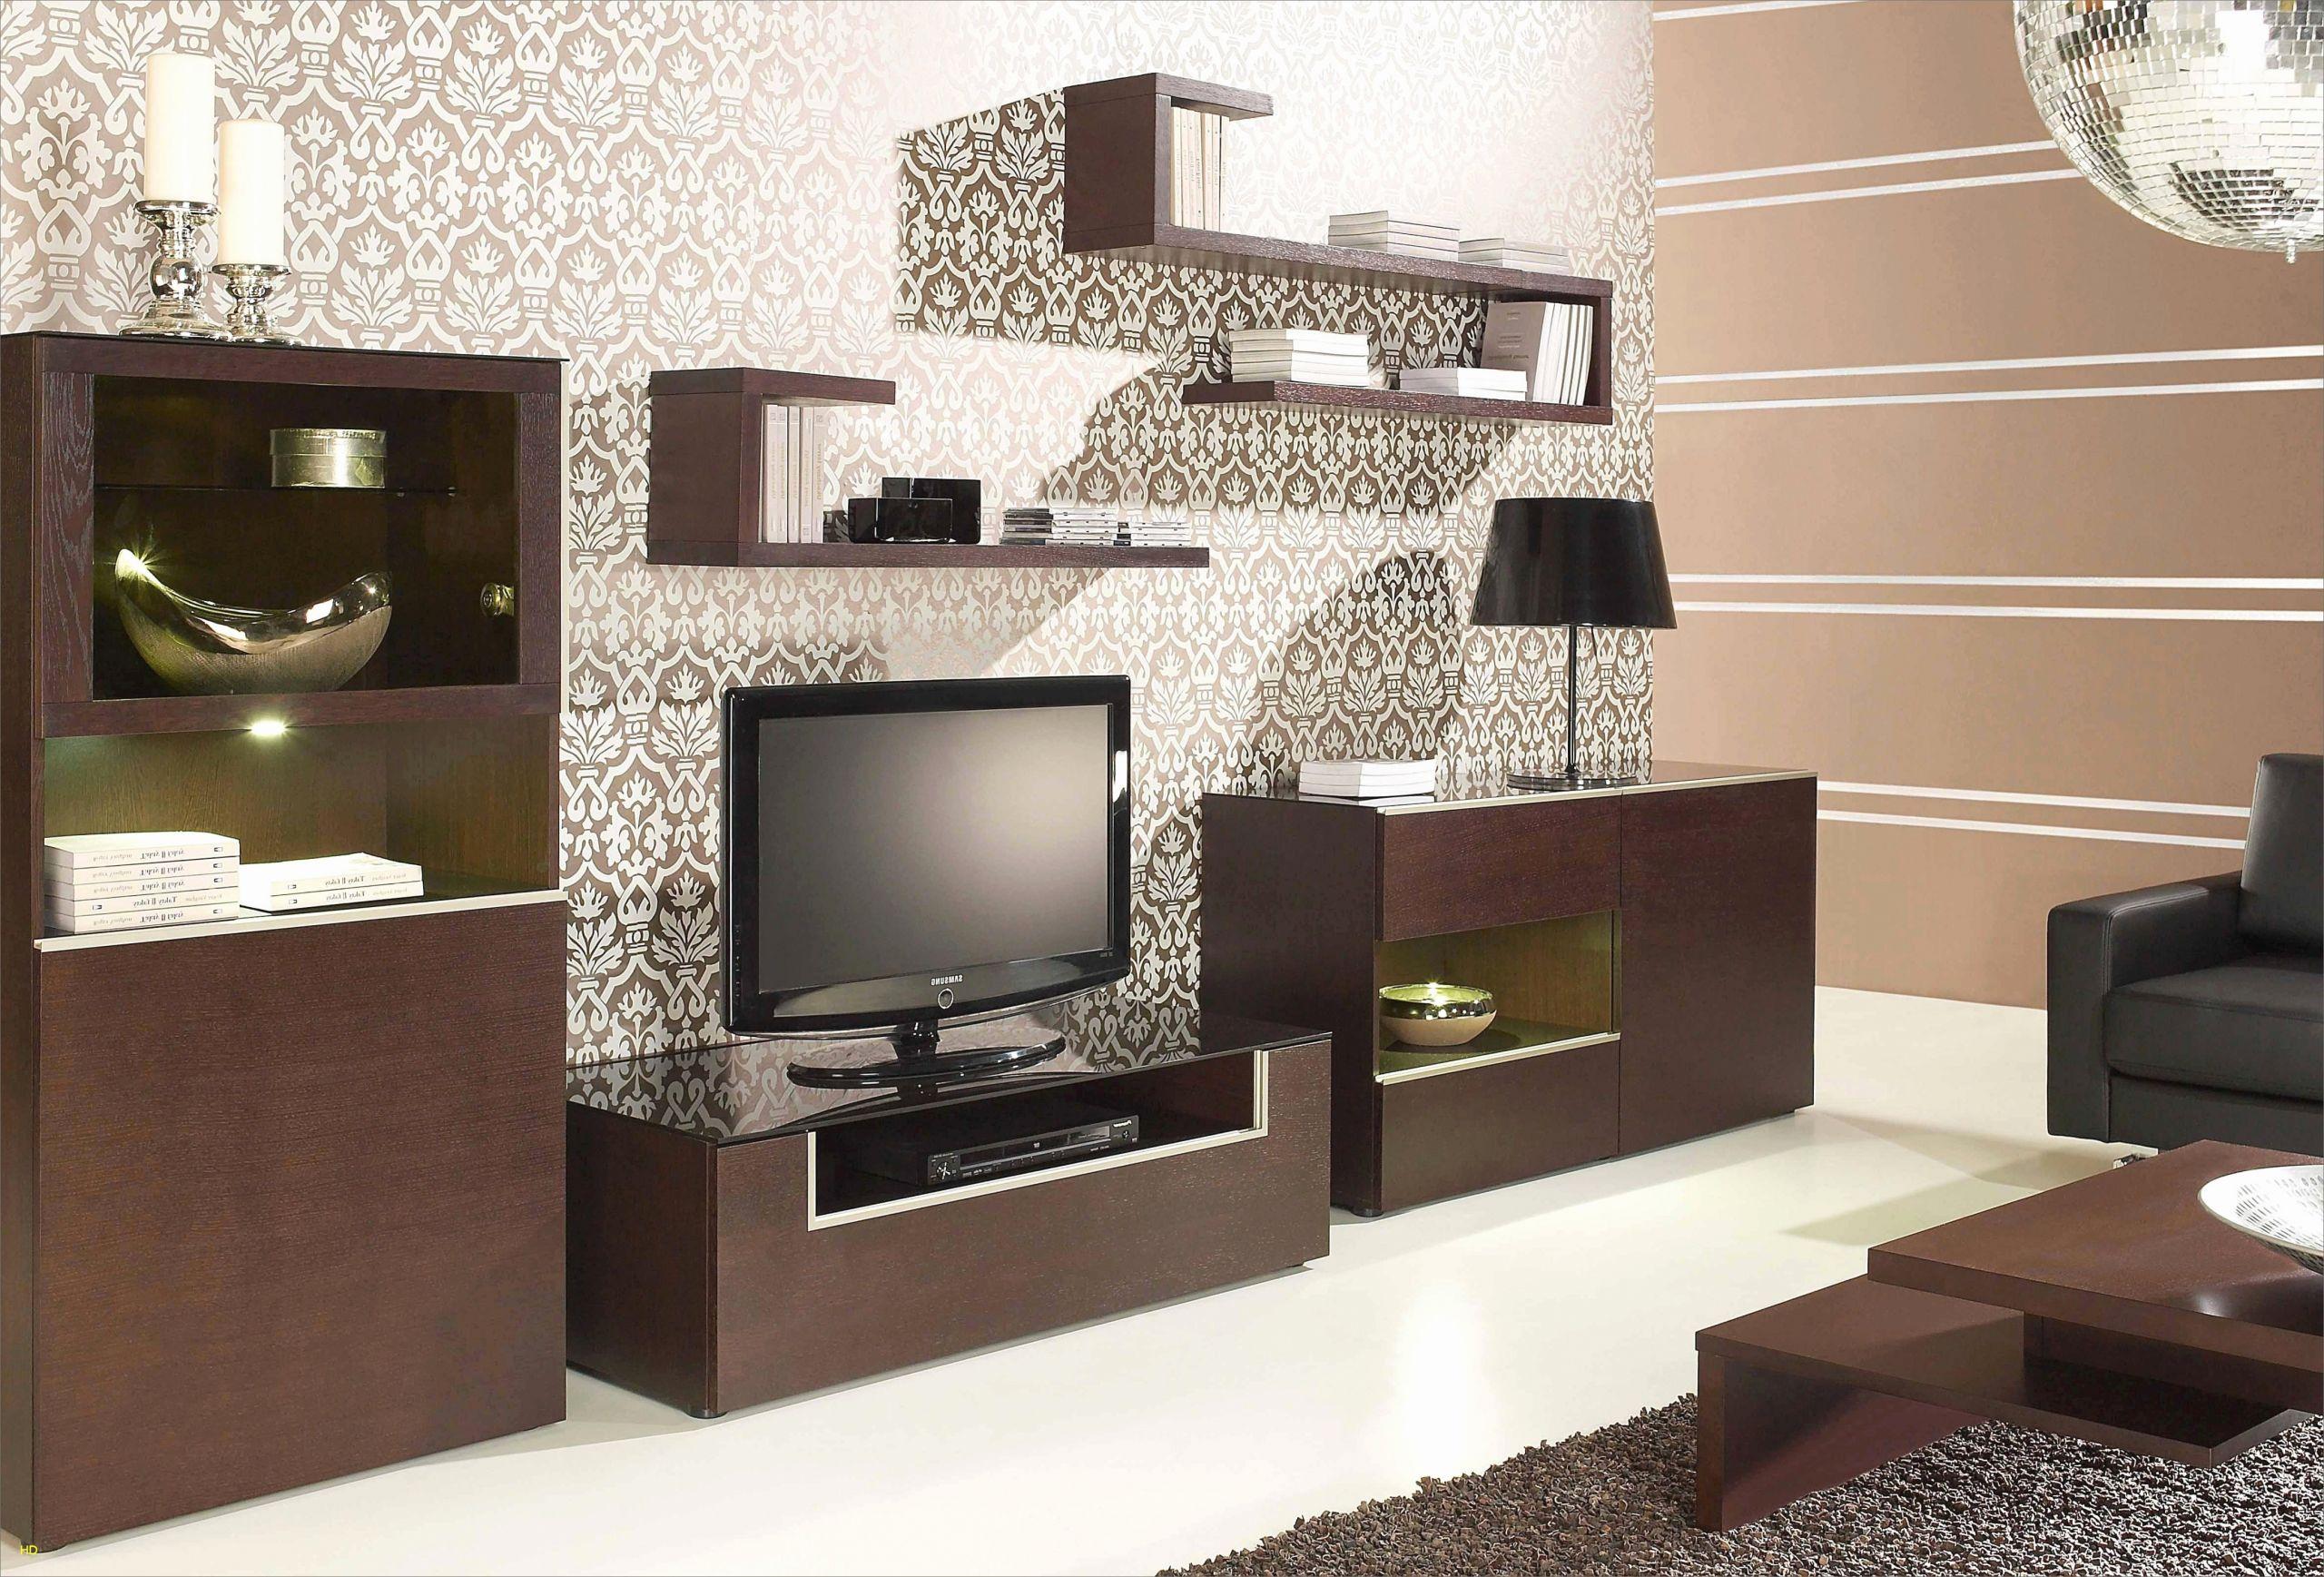 fabriquer meuble bois beau 30 frais fabriquer un meuble tv idees of fabriquer meuble bois